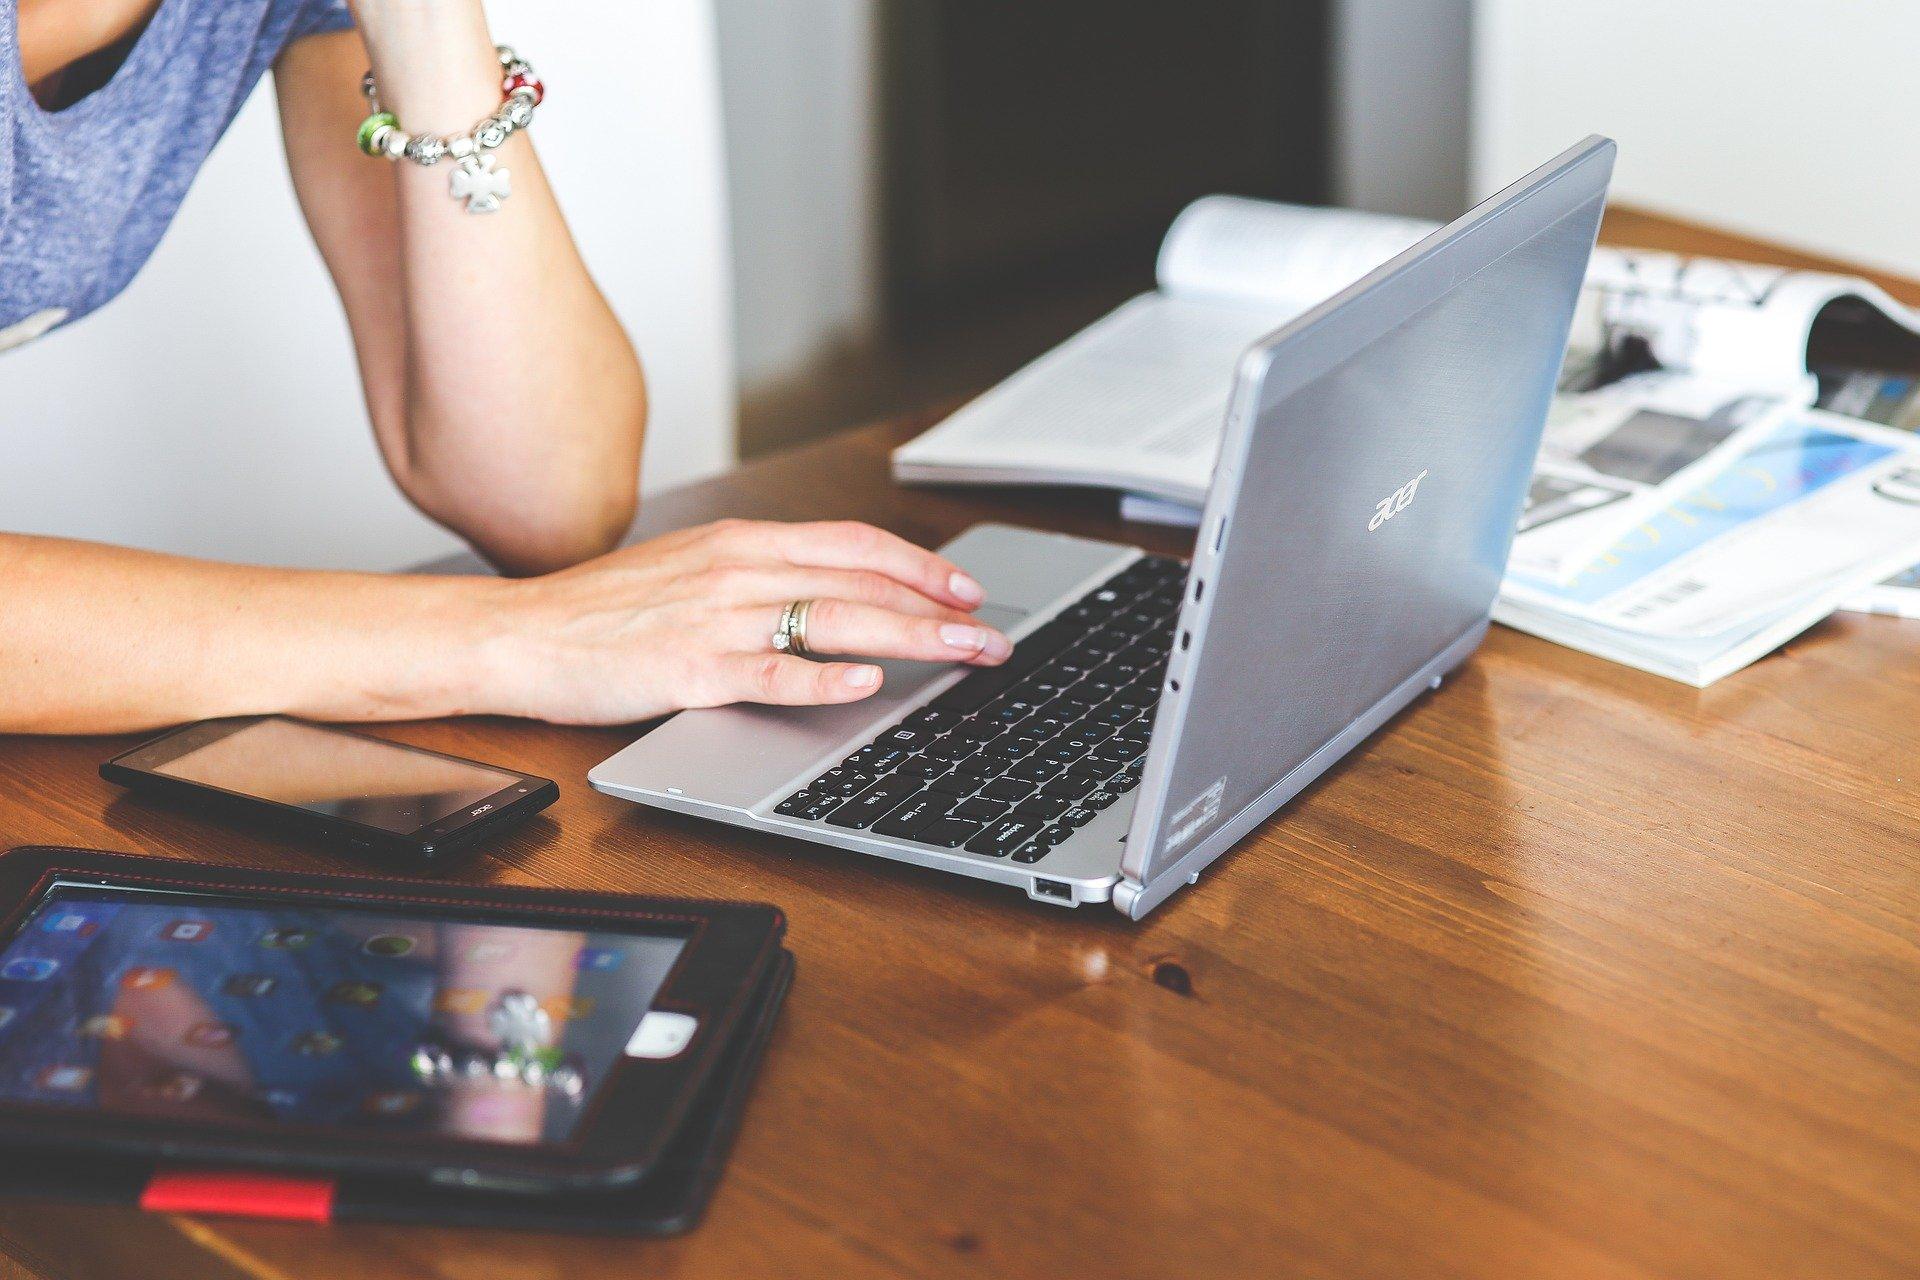 初心者でもできるネットビジネス 副業でおすすめのネットビジネス4選